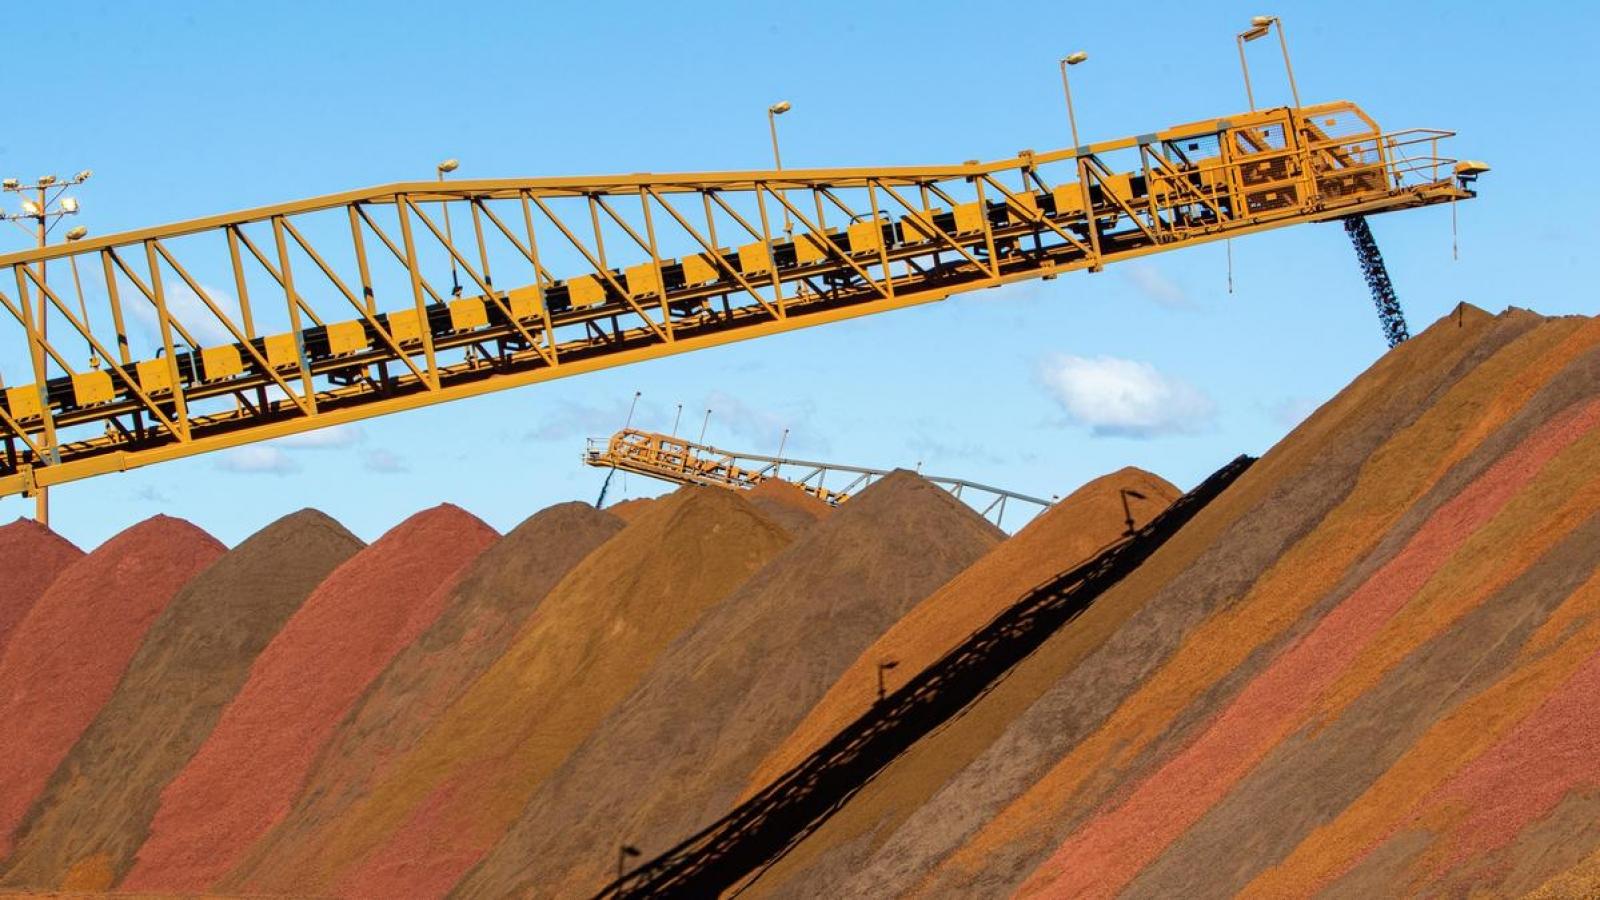 Australia tiếp tục đạt thặng dư thương mại bất chấp khó khăn từ đại dịch